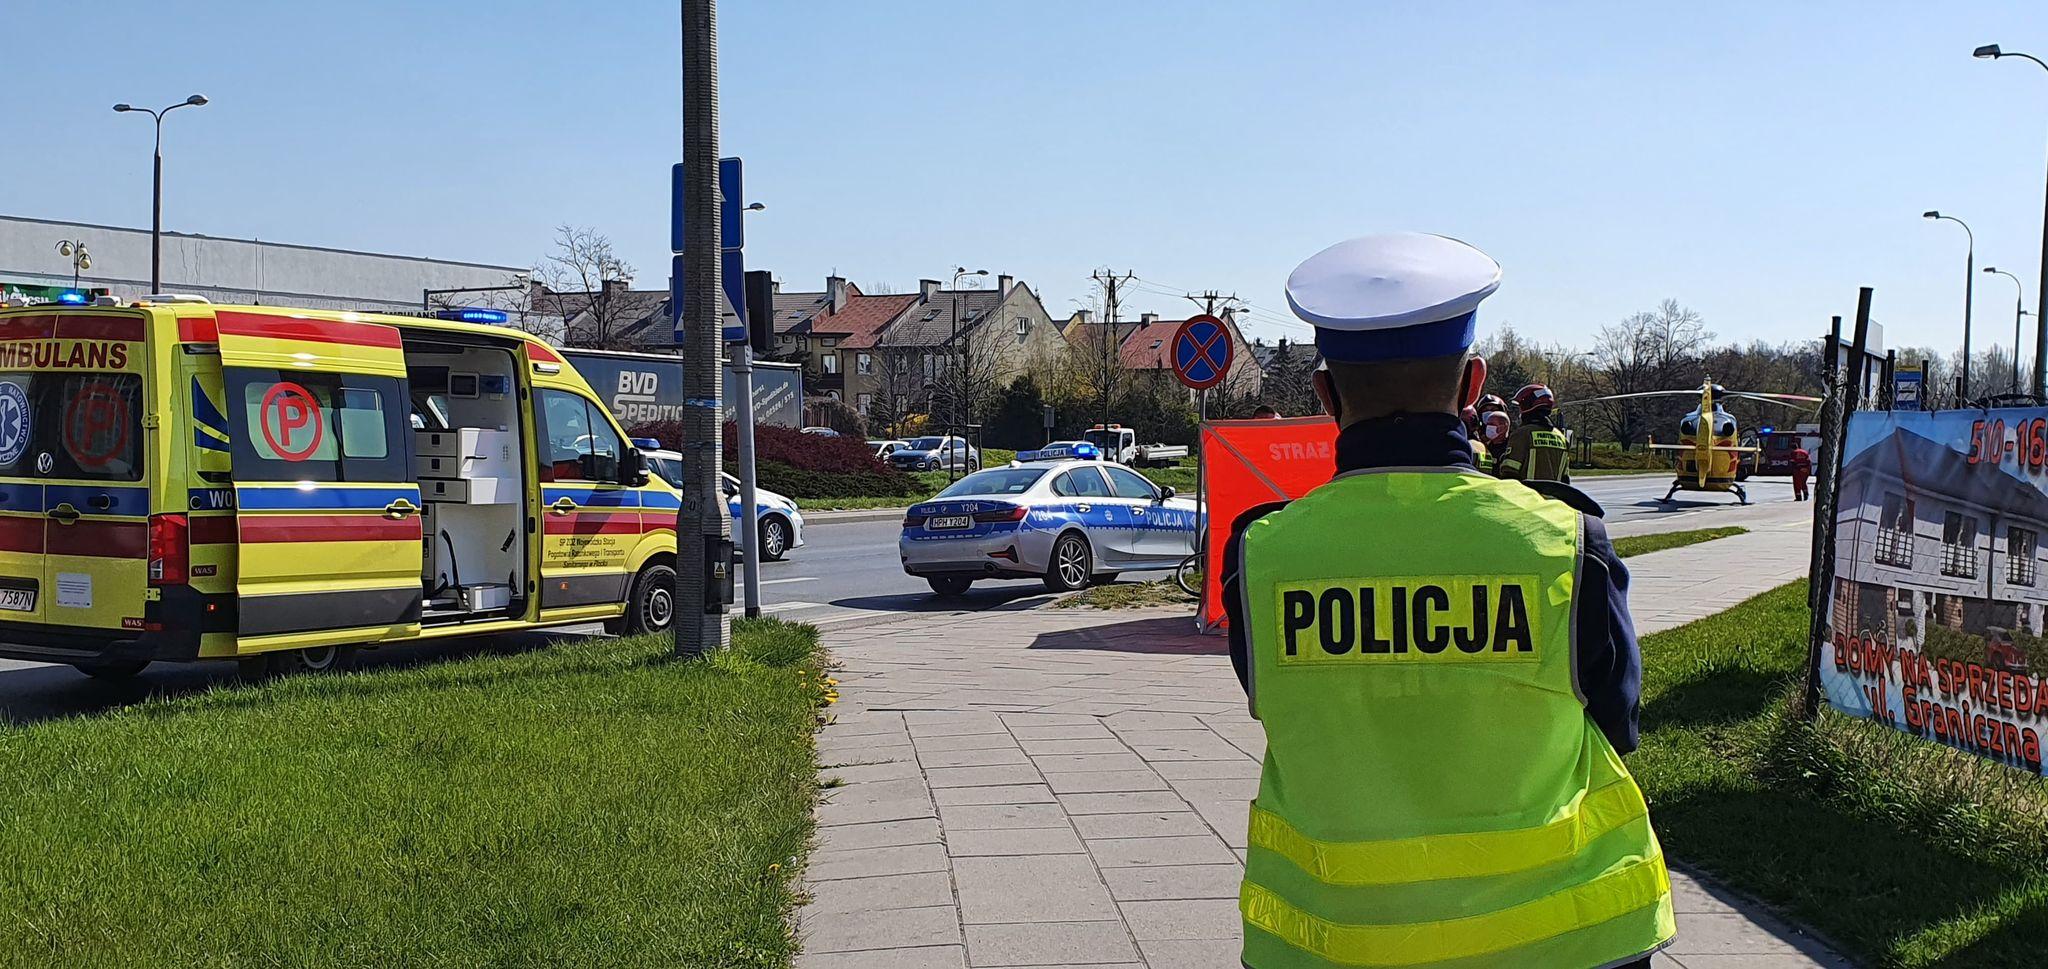 Dramatyczne sceny na Podolszycach. Zmarł mężczyzna [ZDJĘCIA] - Zdjęcie główne